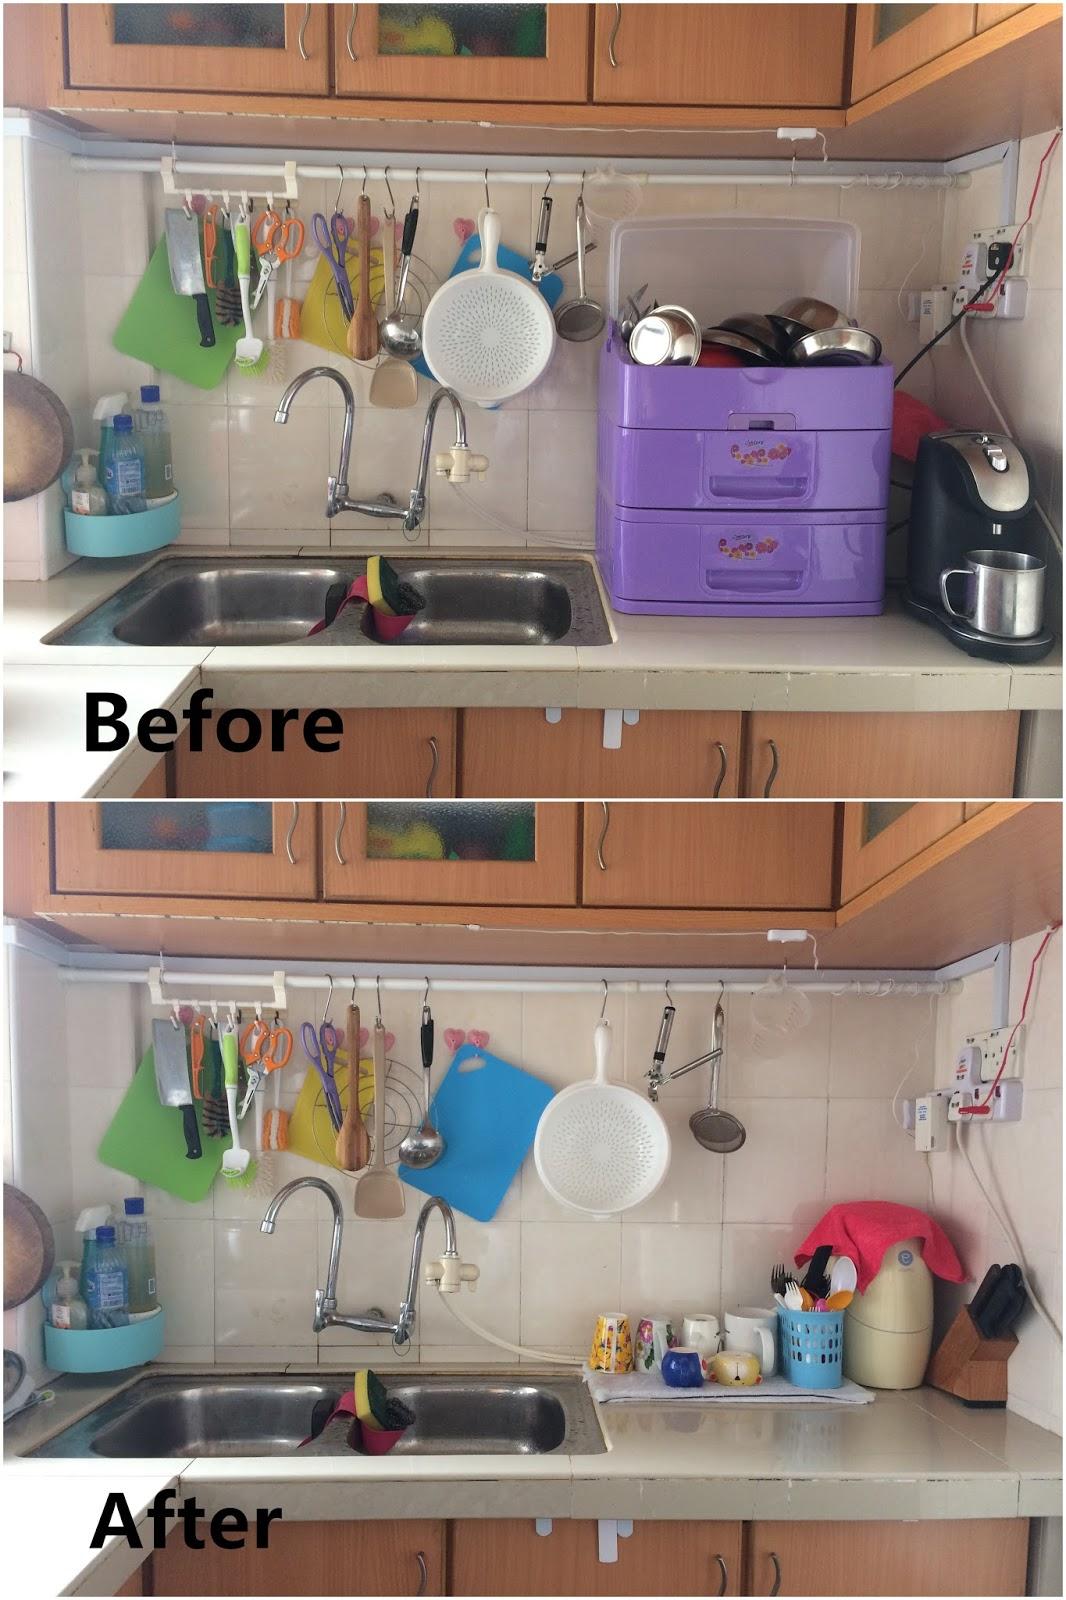 speed racks for kitchen small recycling bins 吉事多整理justdo organize 厨房整理 果敢丢弃晾碗架 整理感想 第一次果敢舍弃家家户户必备的晾碗架 不管用什么碗架 清洁是必要的 偏偏主人家就很懒惰清洗 这样做反而让他们方便清洗 虽然厨房仍然小 但是让一两个人